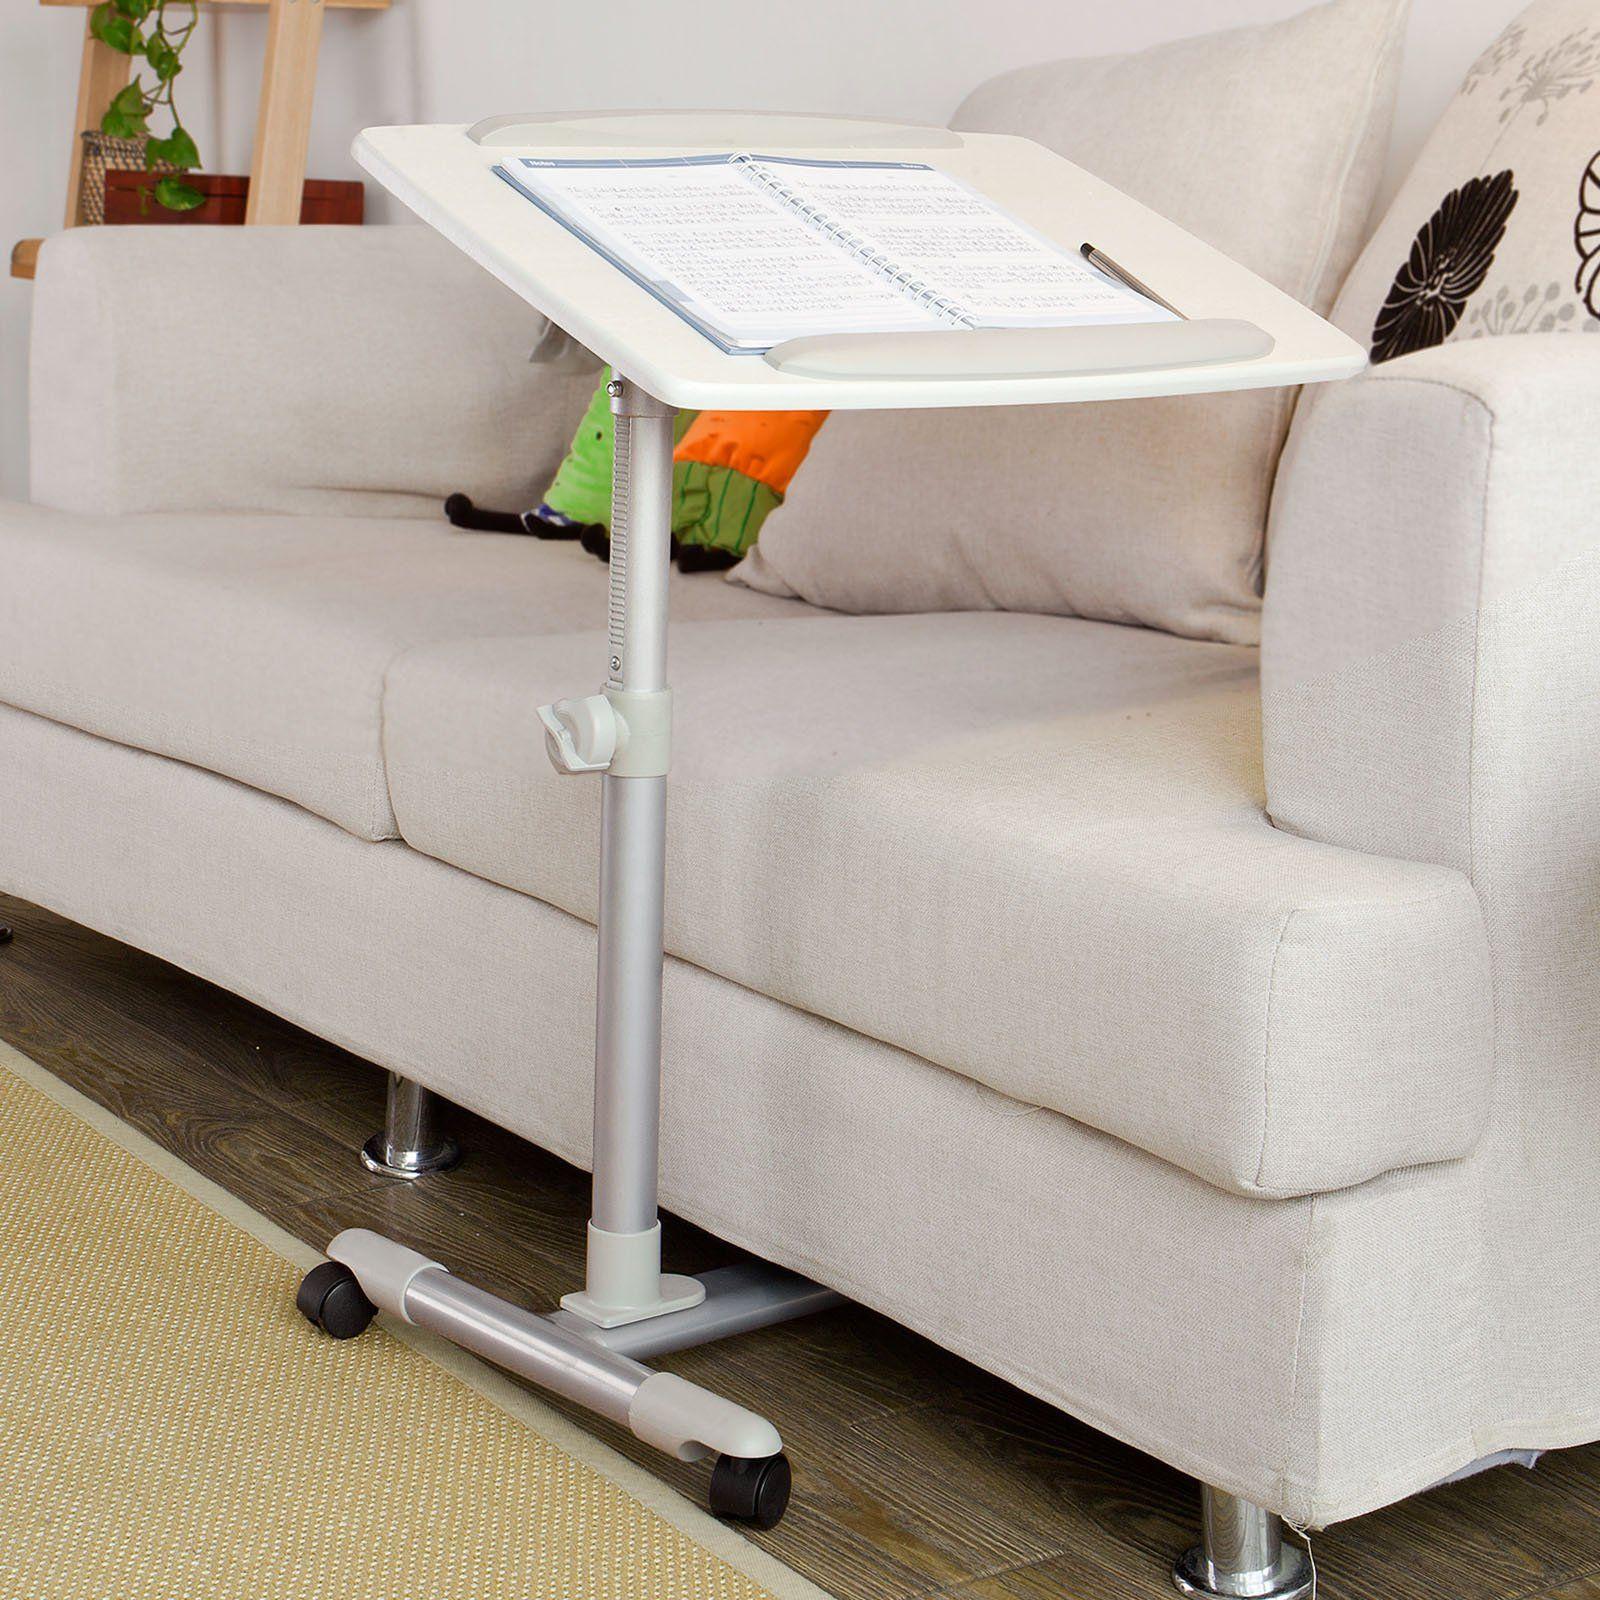 Table De Lit Pour Ordinateur Portable Avec Plateau Inclinable à Hauteur  Assistée  Blanc, FBT07N2